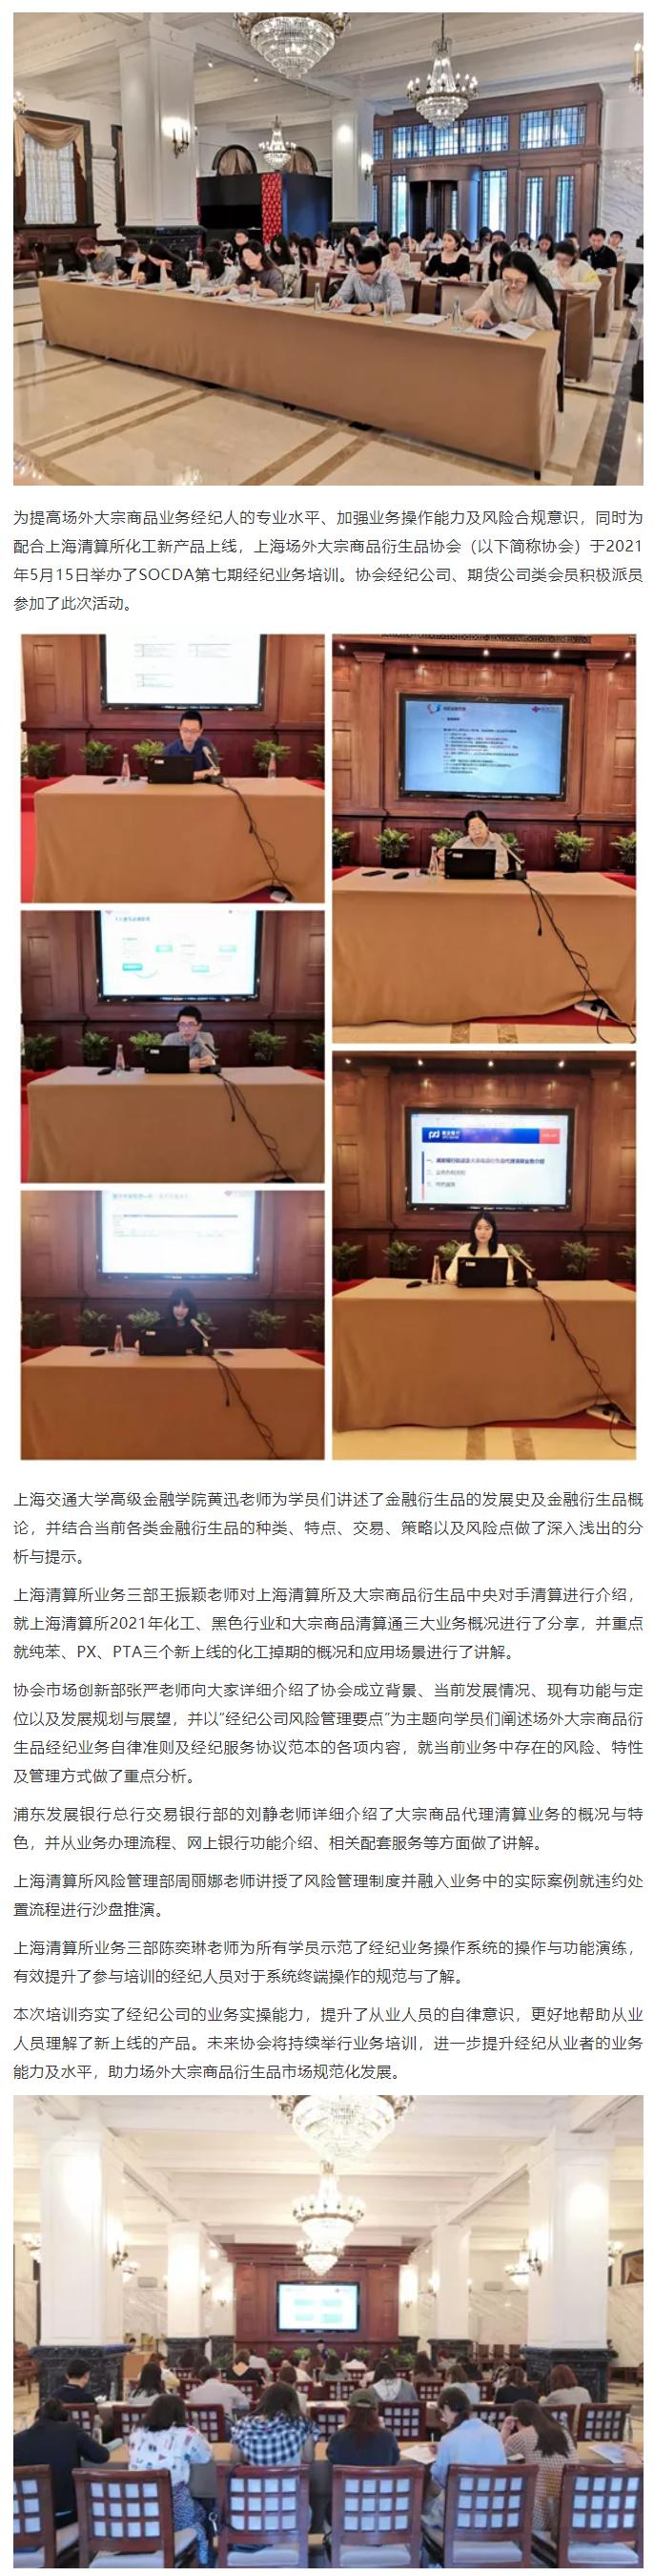 FireShot Capture 111 - 协会成功举办第七期场外大宗商品衍生品经纪业务培训 - mp.weixin.qq.com.png